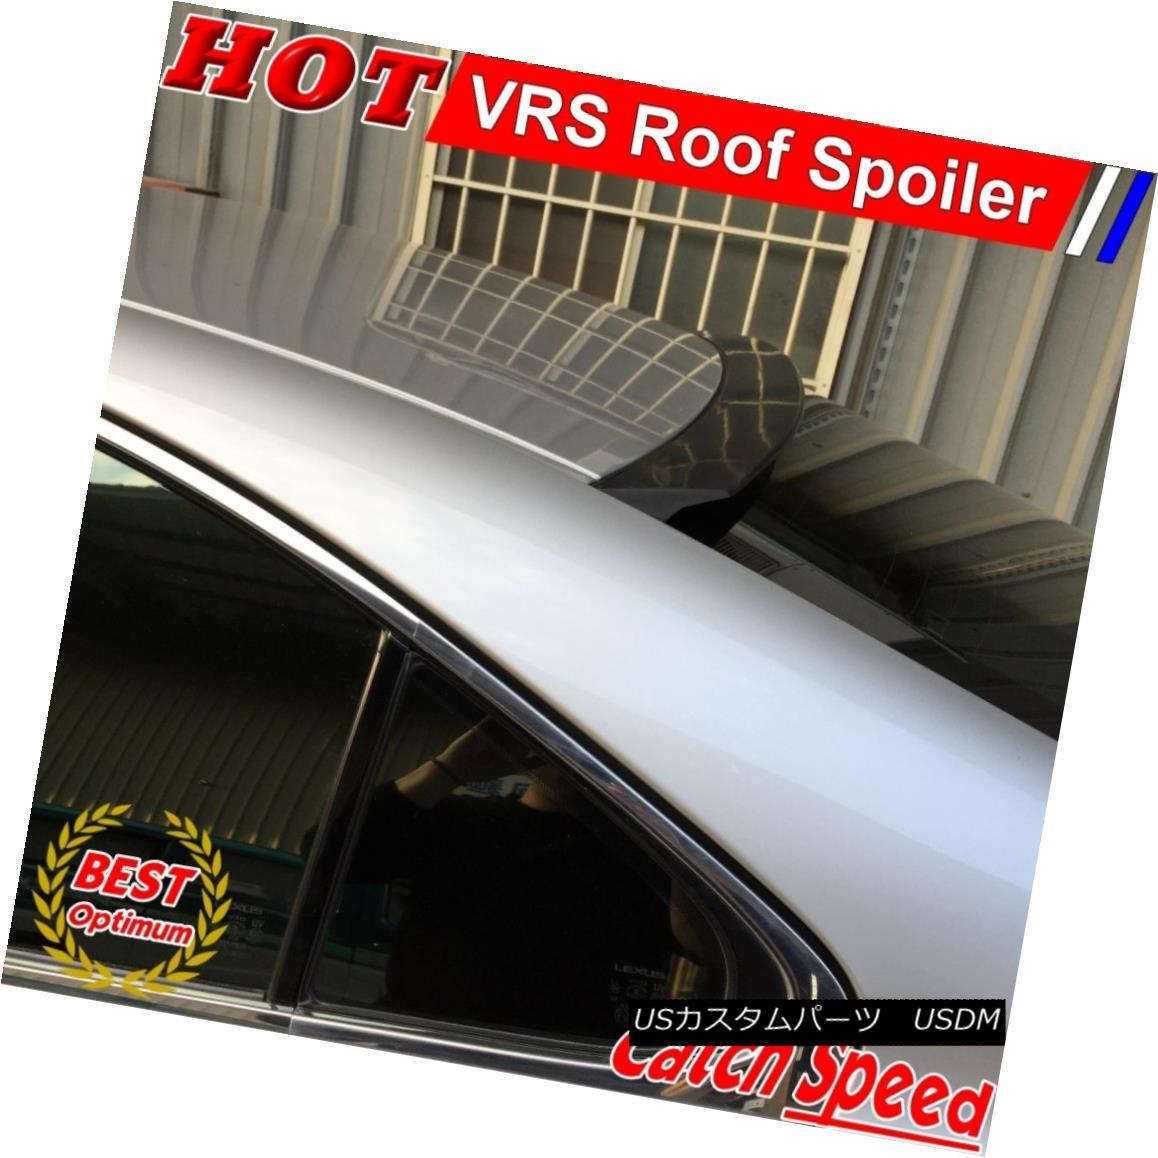 エアロパーツ Painted VRS Type Rear Roof Spoiler Wing For Mitsubishi LANCER US Sedan 1995-1999 三菱ランサーUSセダン1995-1999用塗装VRSタイプリアルーフスポイラーウイング